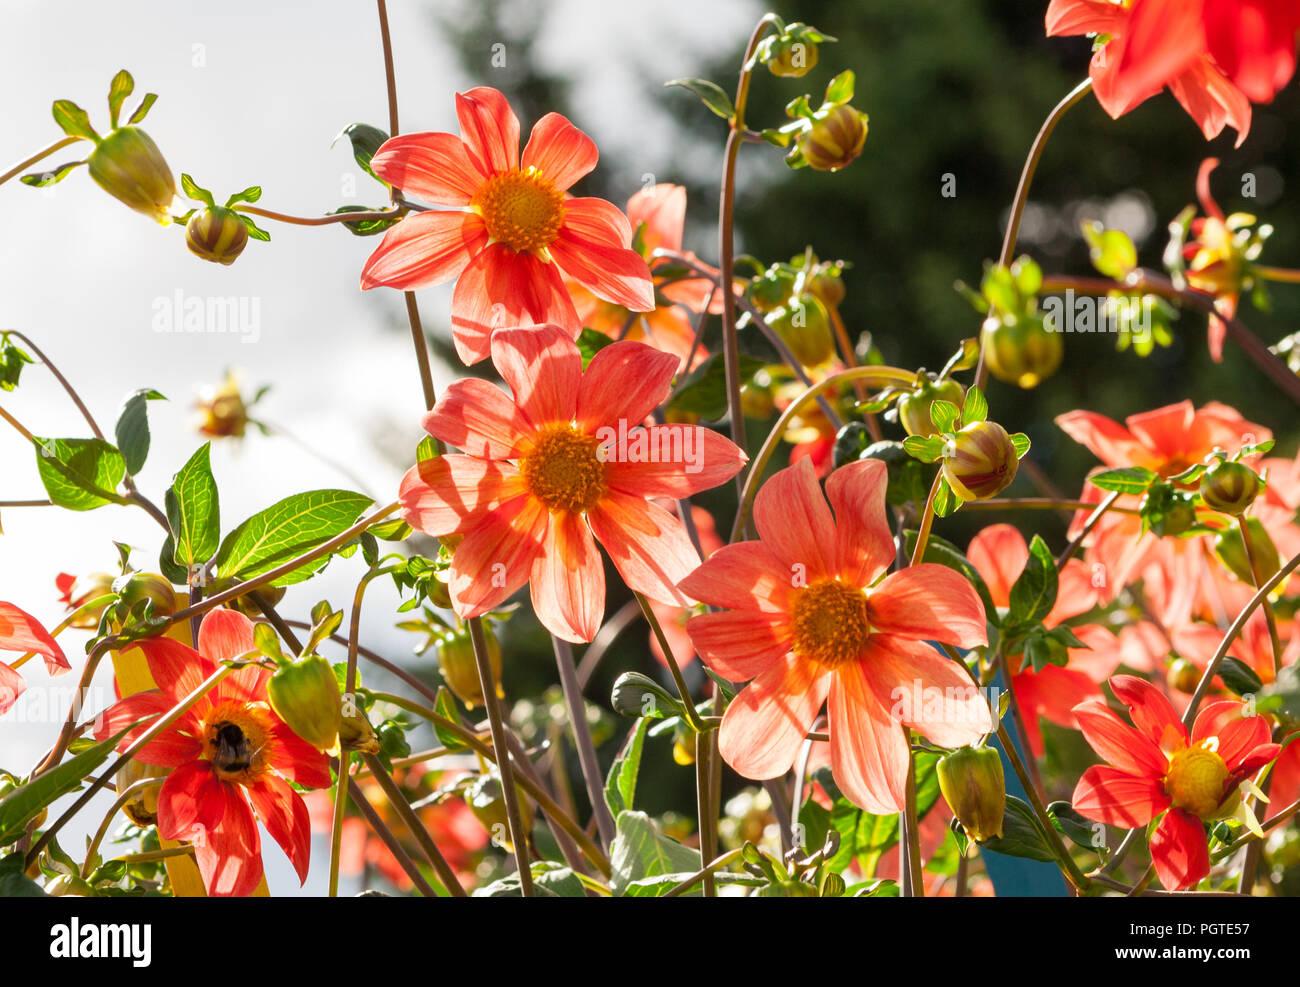 Fiori Arancioni.Molti Fiori Arancioni E Gemme Aster Con Sottili Petali Di Colore